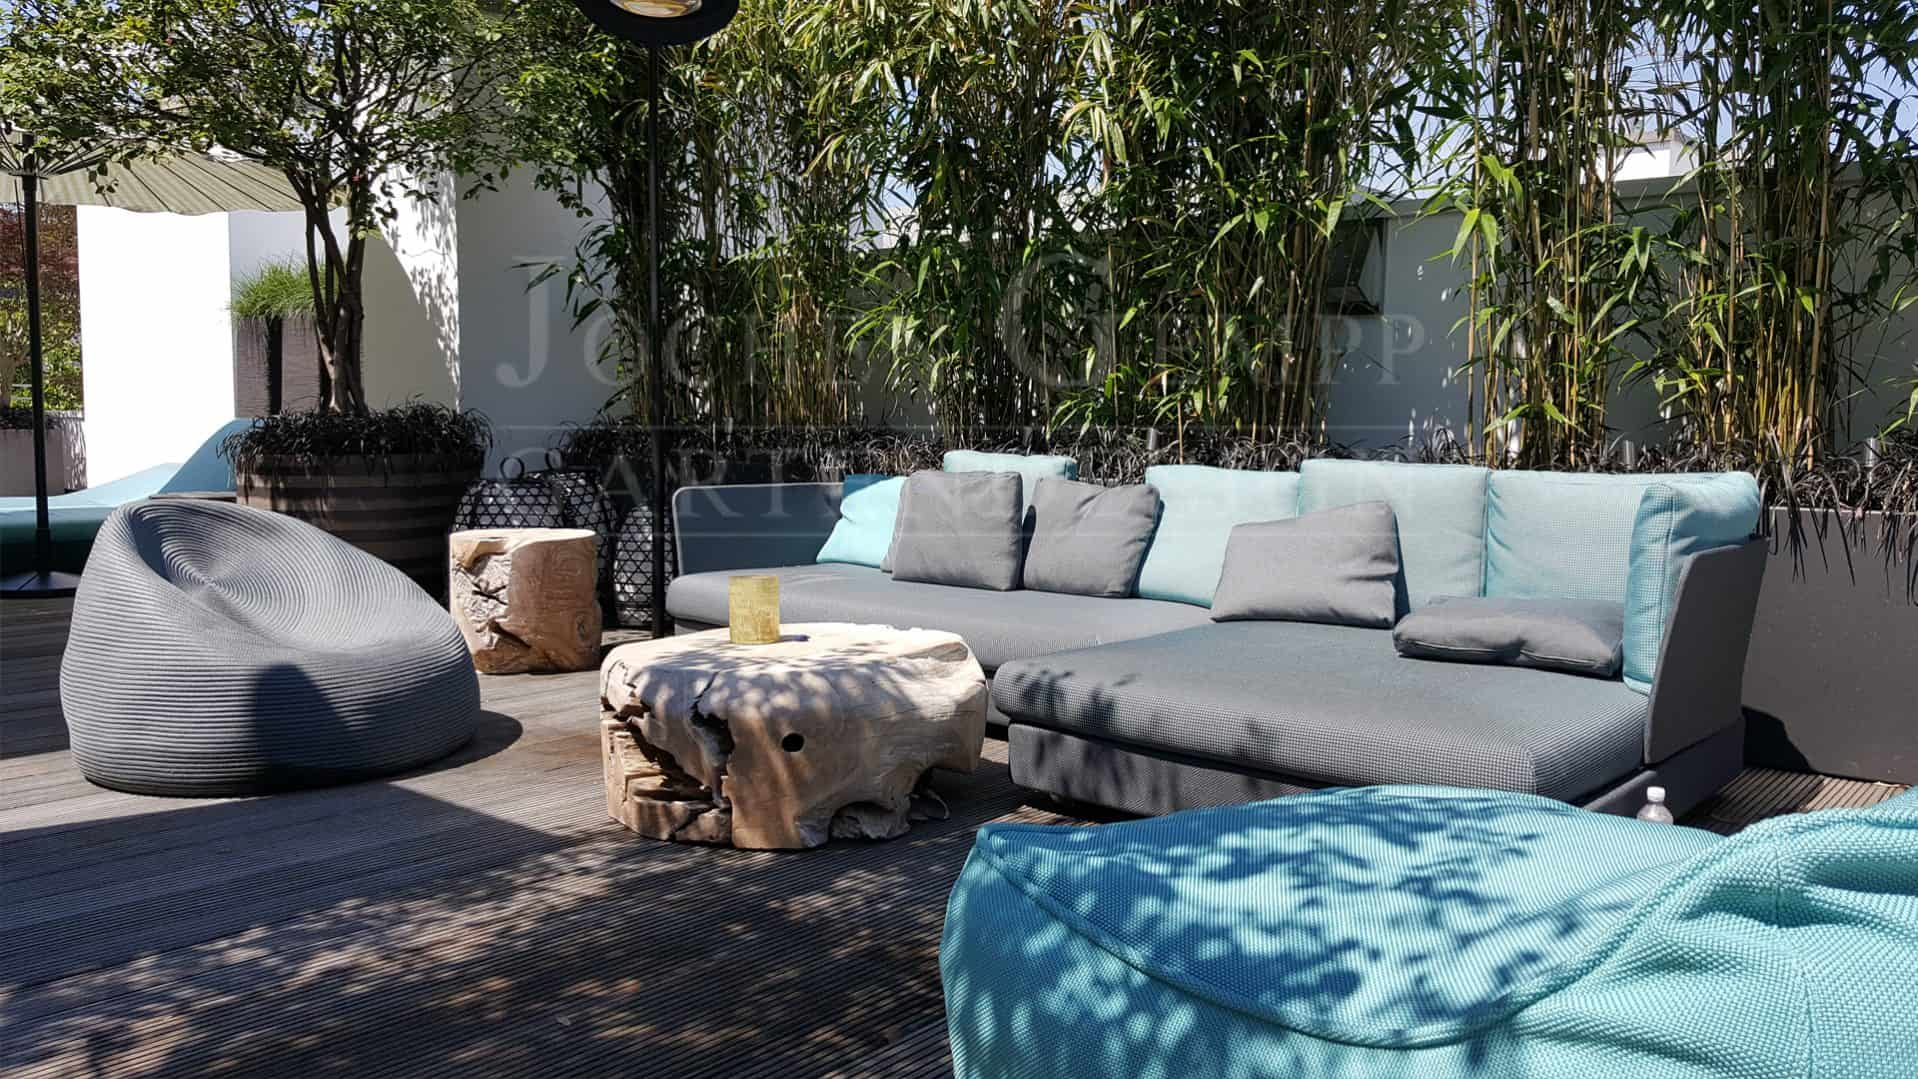 gempp gartendesign gartengestaltung landschaftsarchitektur. Black Bedroom Furniture Sets. Home Design Ideas